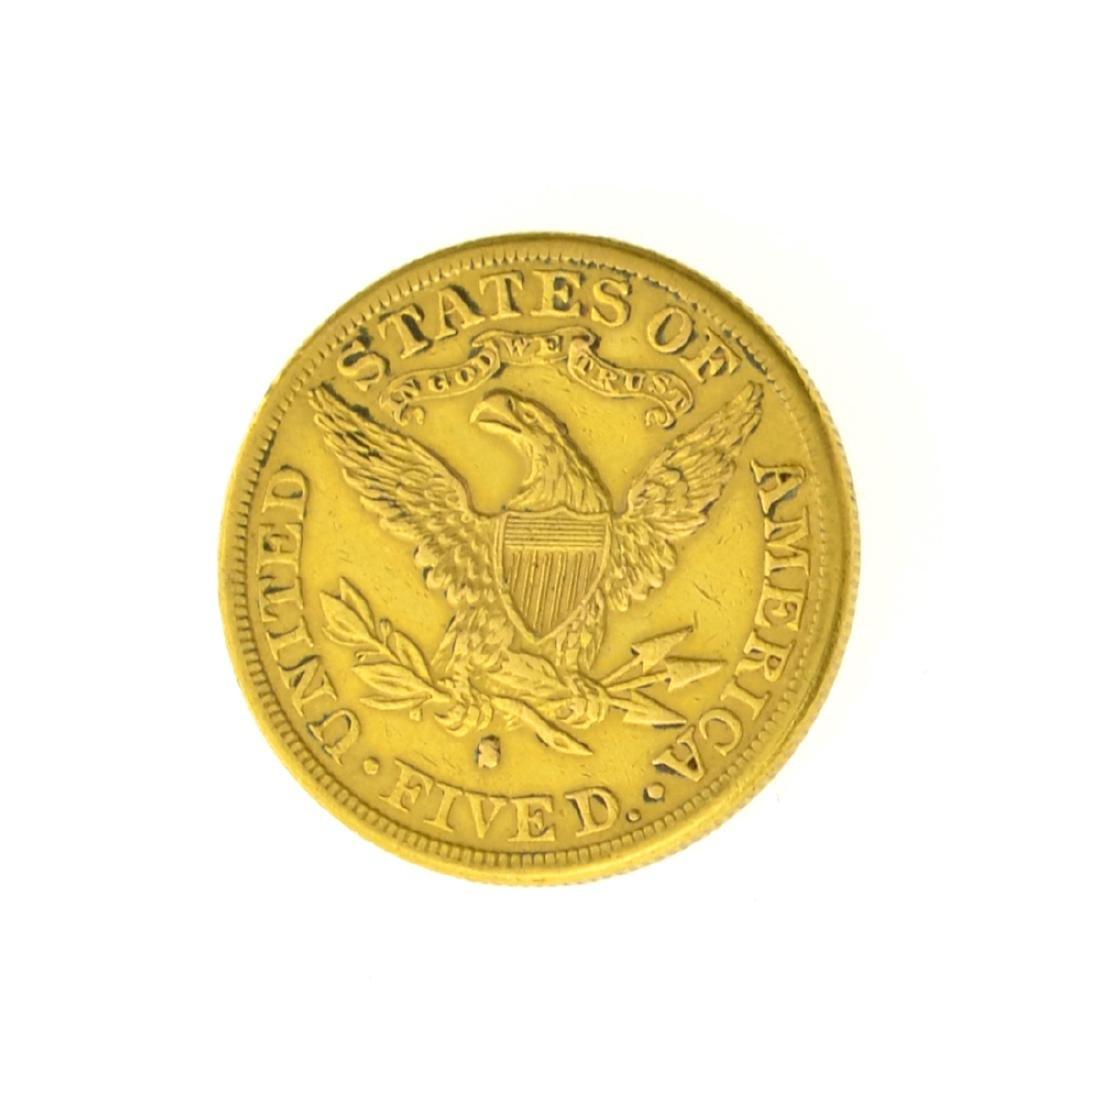 *1886-S $5.00 U.S. Liberty Head Gold Coin (JG) - 2